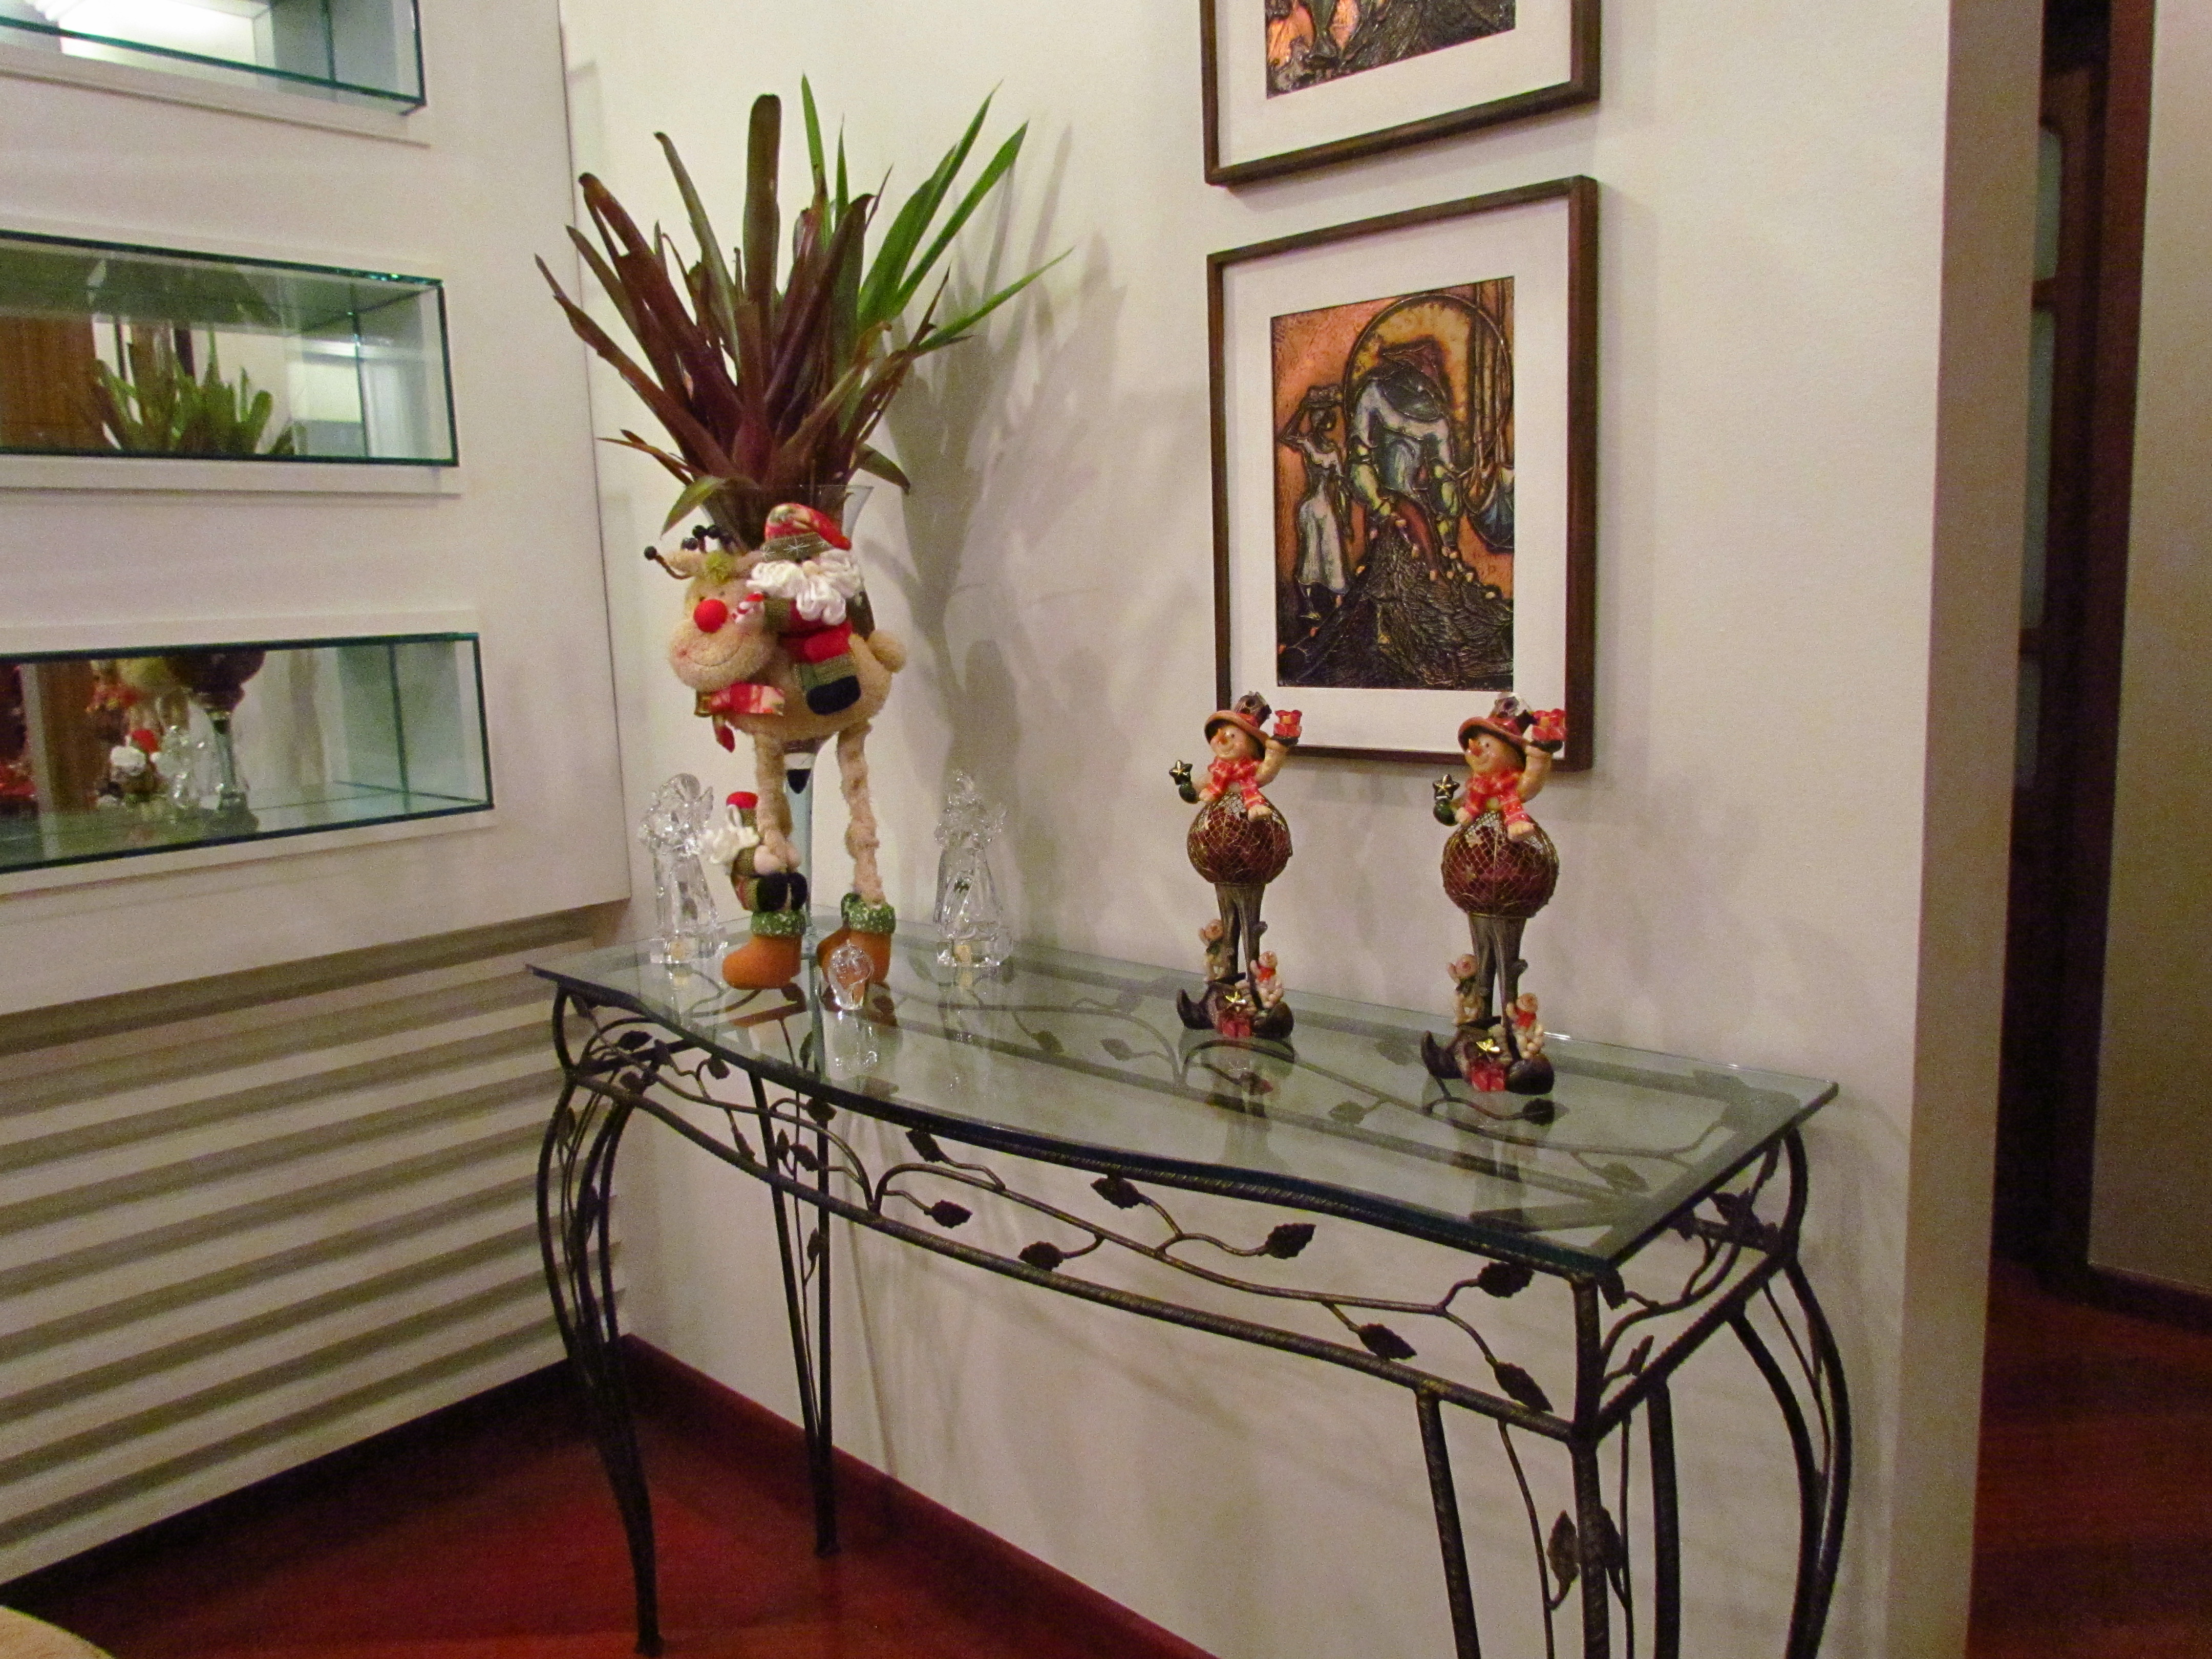 decoracao cozinha natal : decoracao cozinha natal:Decoração de Natal para aparadores O Pimenteiro